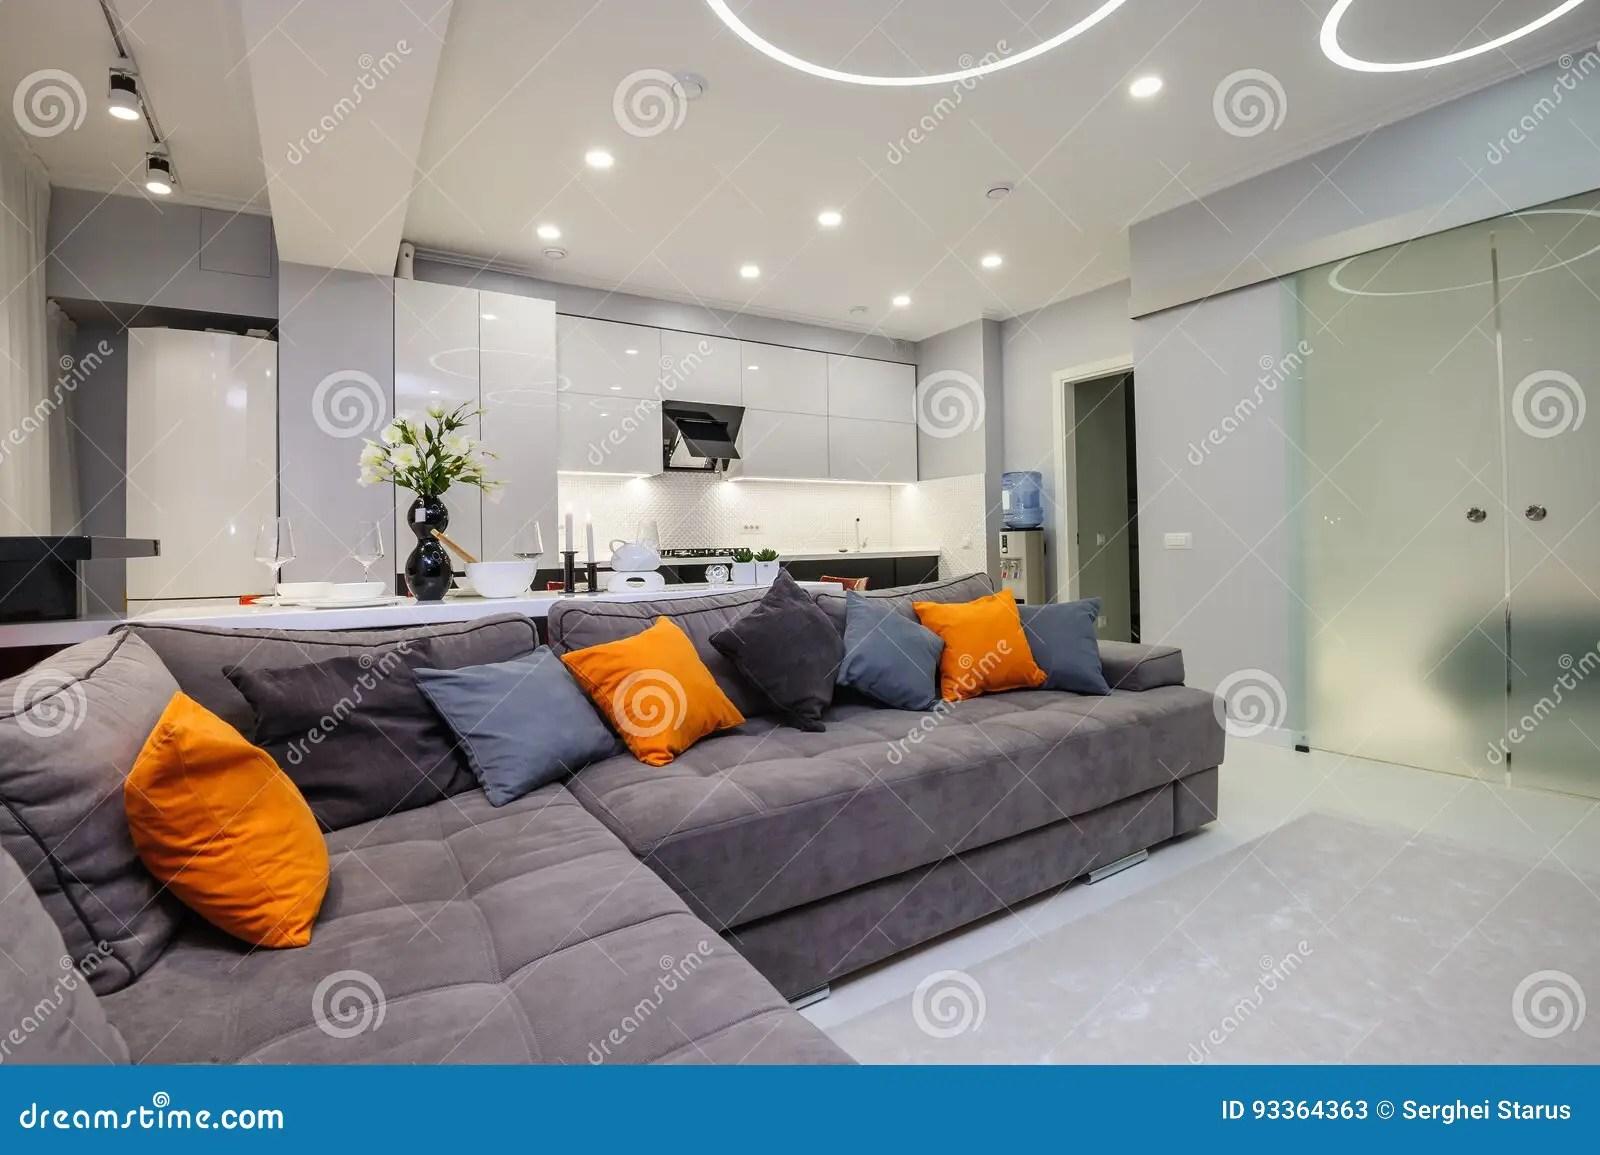 Modernes Weisses Wohnzimmer Ideal Mobel Lowboard In Weiss Mit